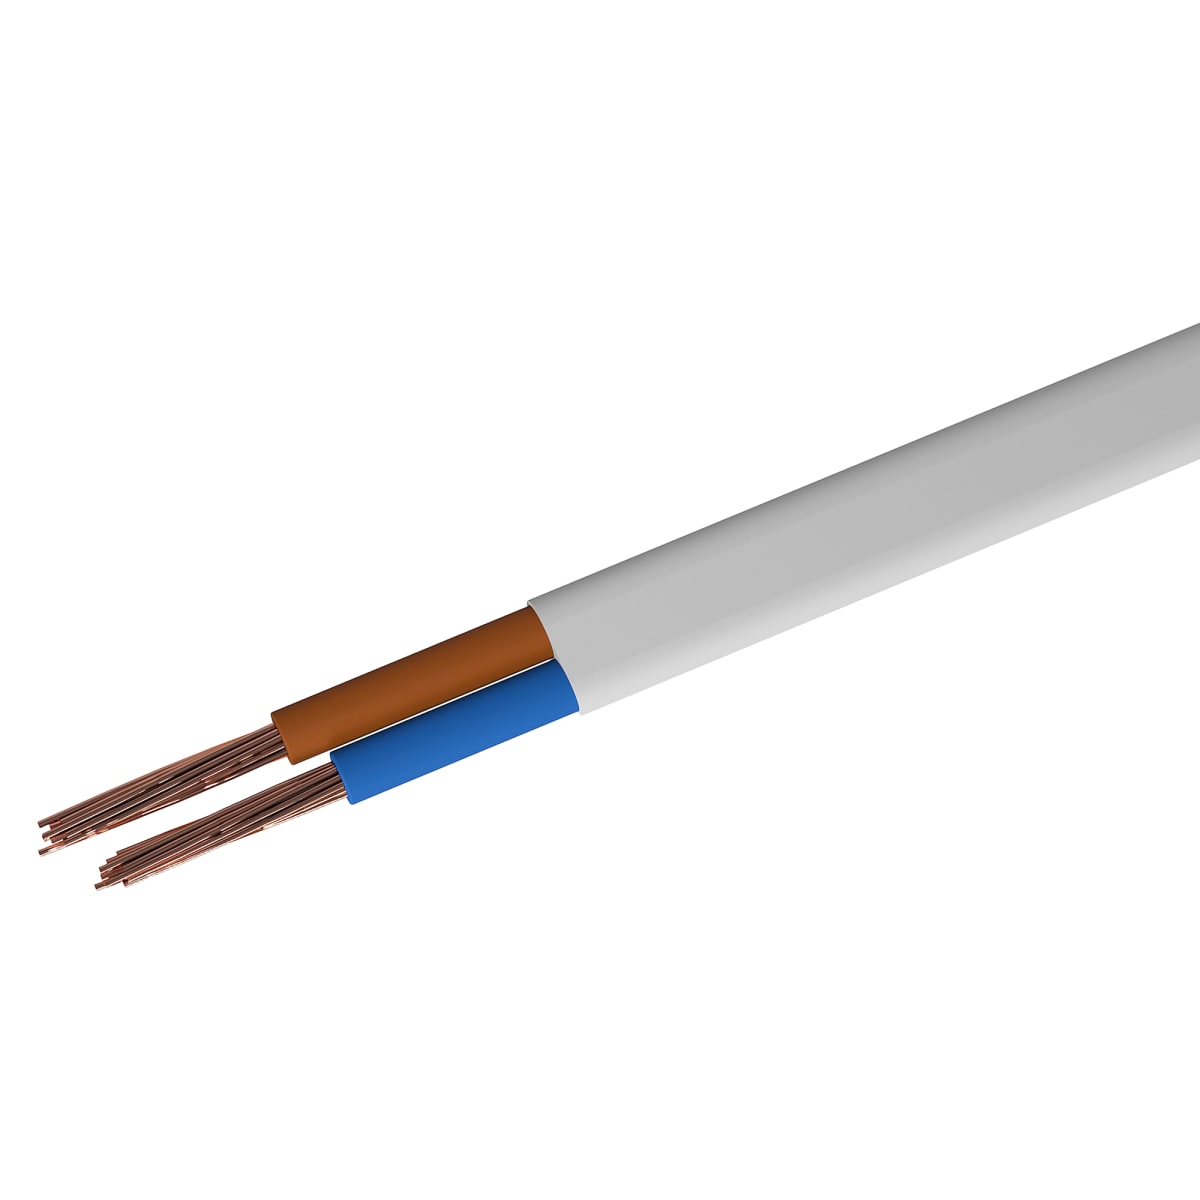 Провод Партнер-Электро ШВВП 2x0.75 на отрез (ГОСТ)